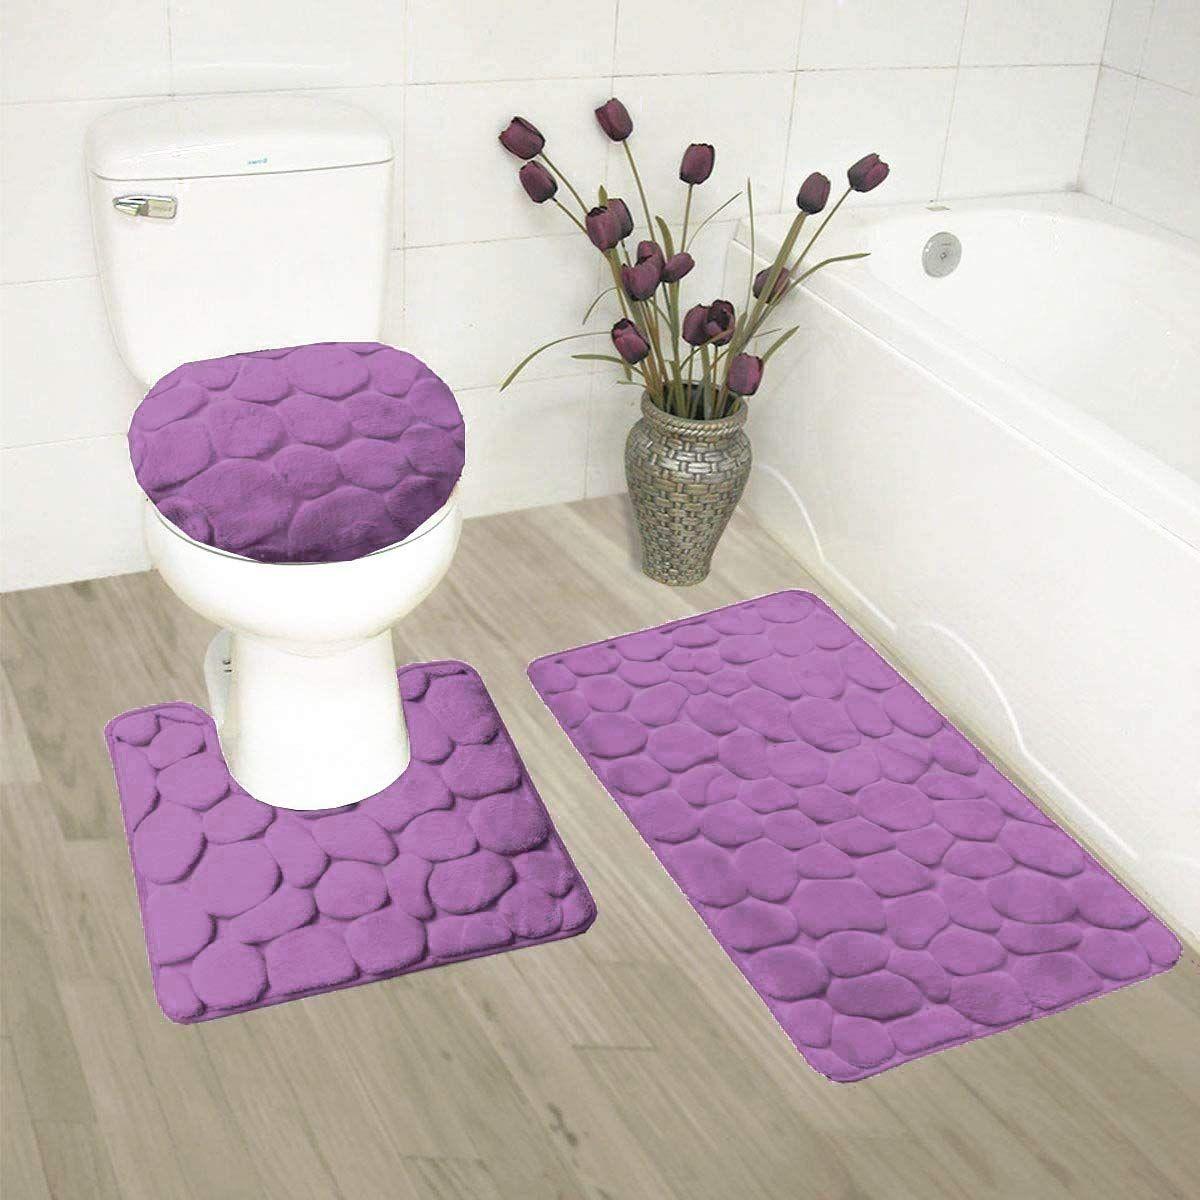 3pc Memory Foam Soft Bath Rug Set For Bathroom Non Slip Bath Mat Contour Mat Toilet Lid Cover Purple Bathroom Rug Memory Foam Bath Rugs Soft Bathroom Rugs [ 1200 x 1200 Pixel ]